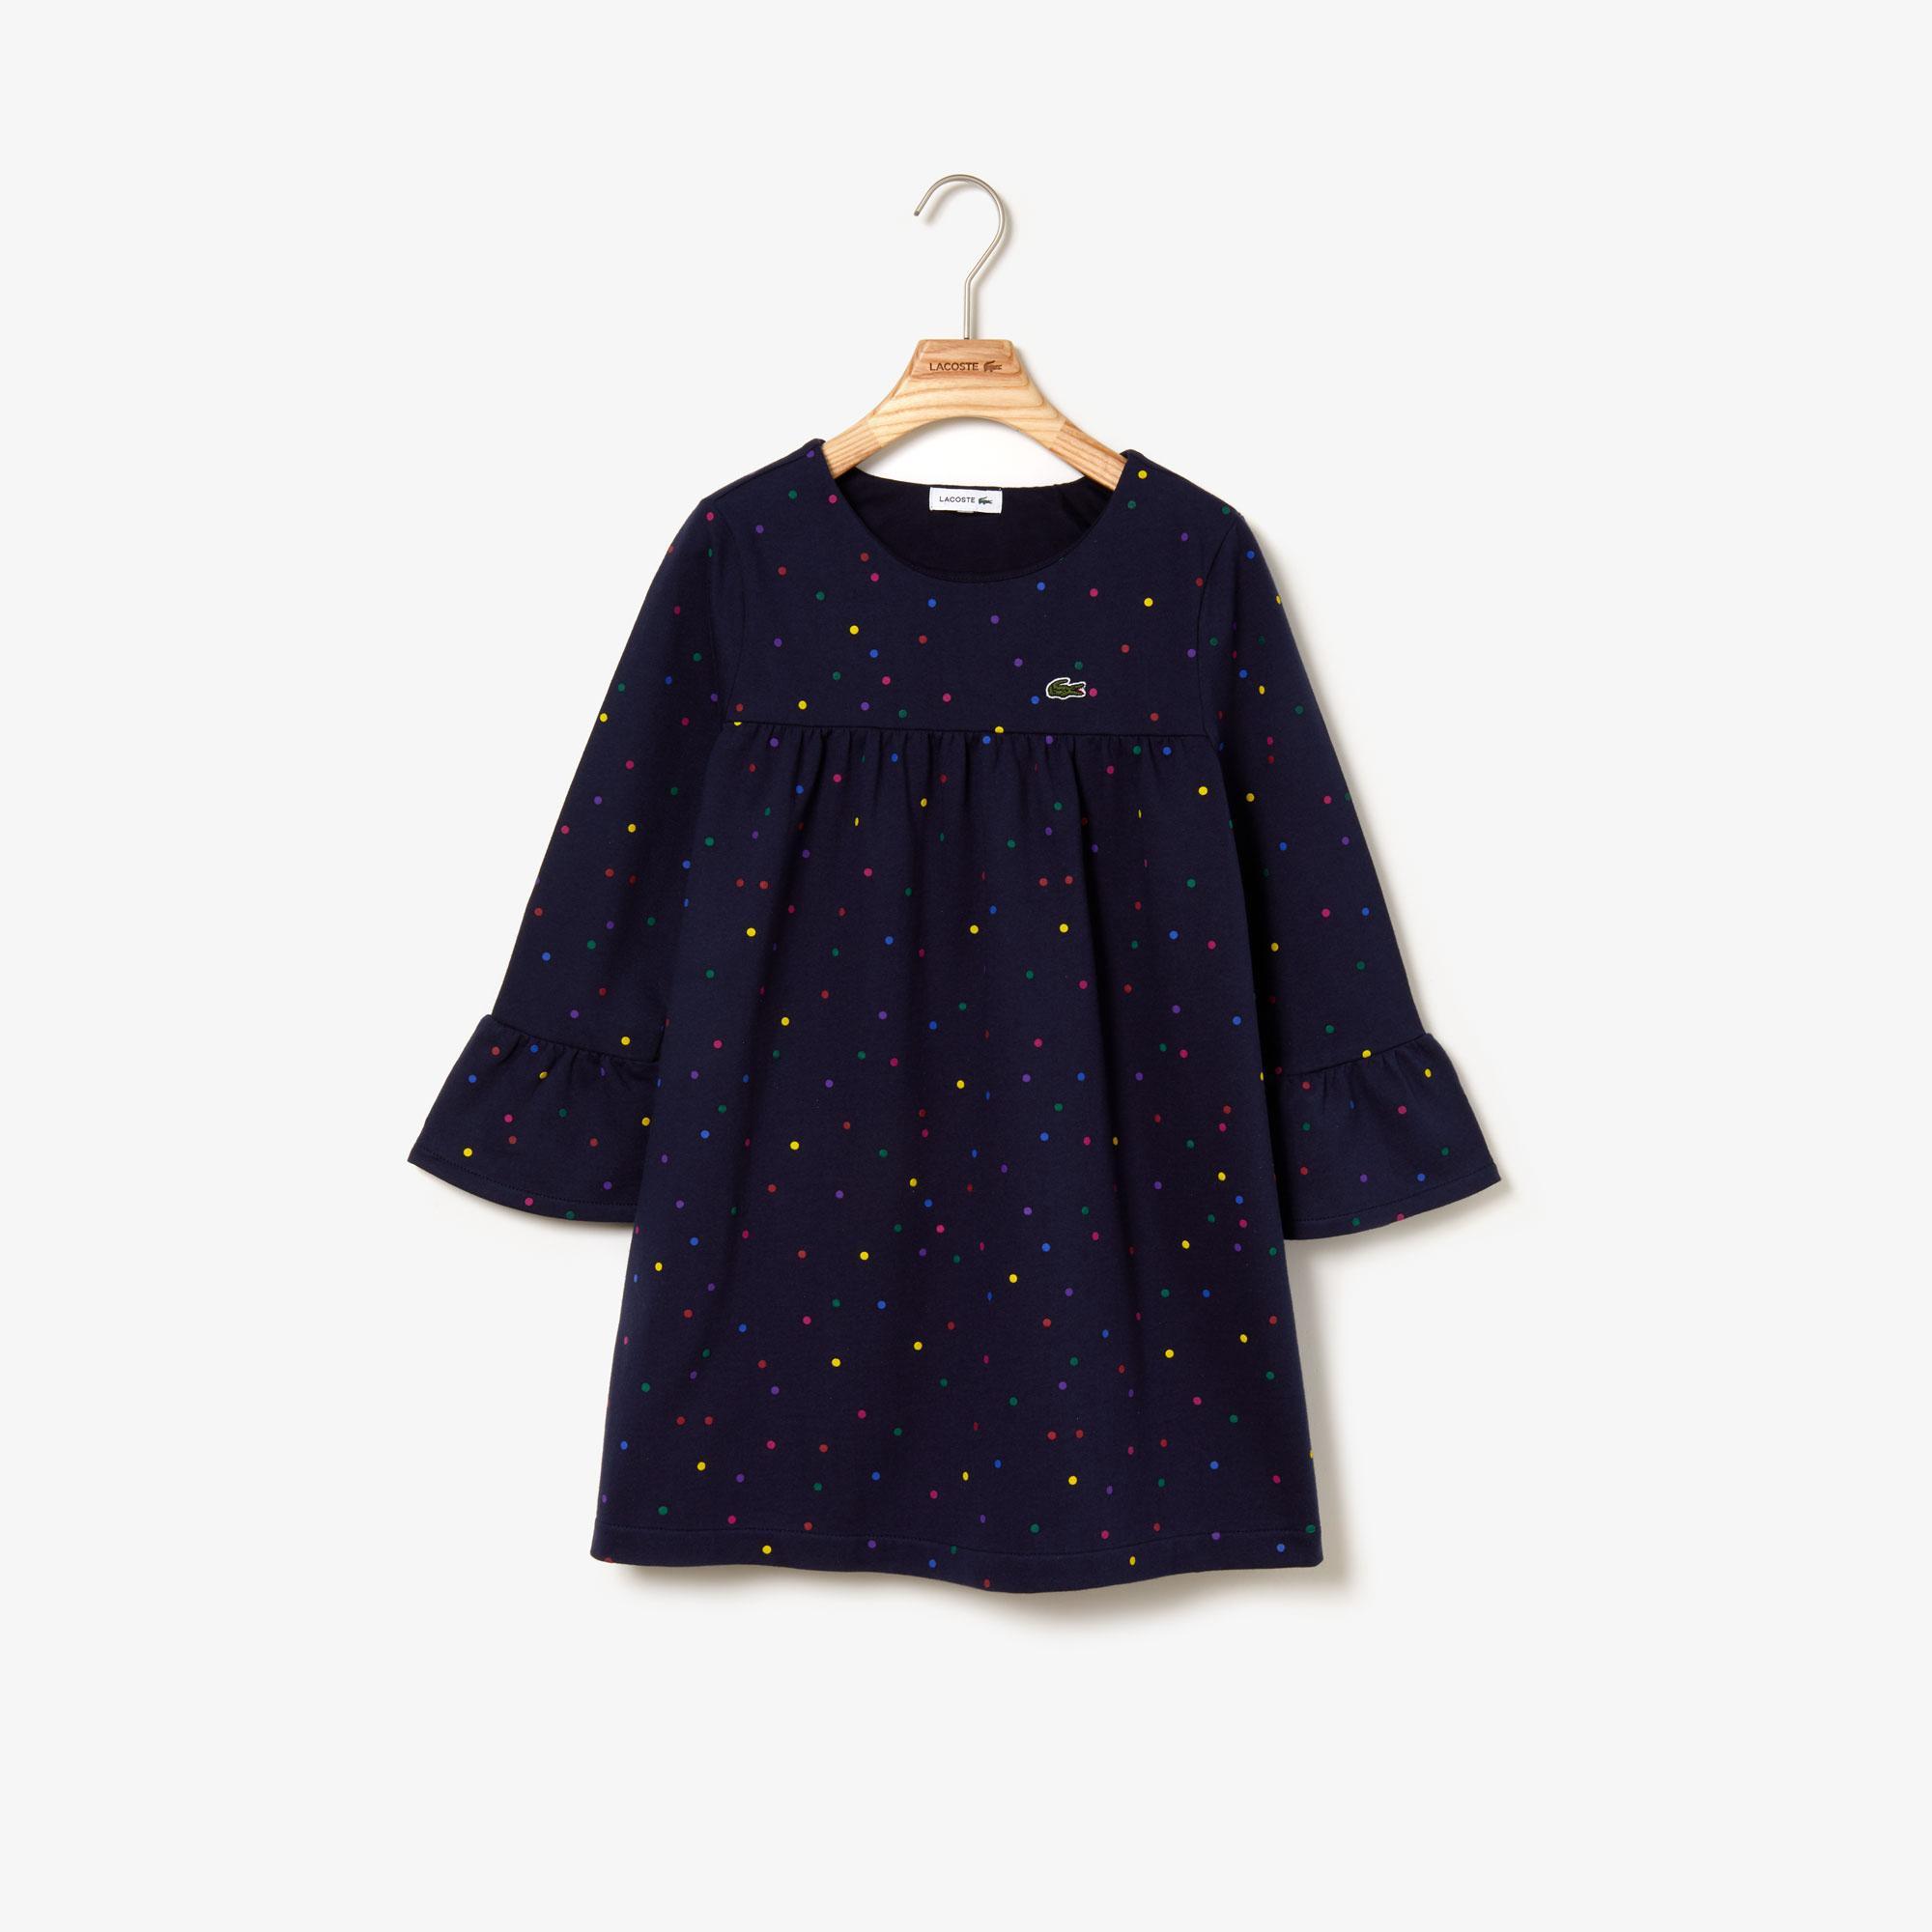 Lacoste Çocuk Puantiye Desenli Lacivert Elbise